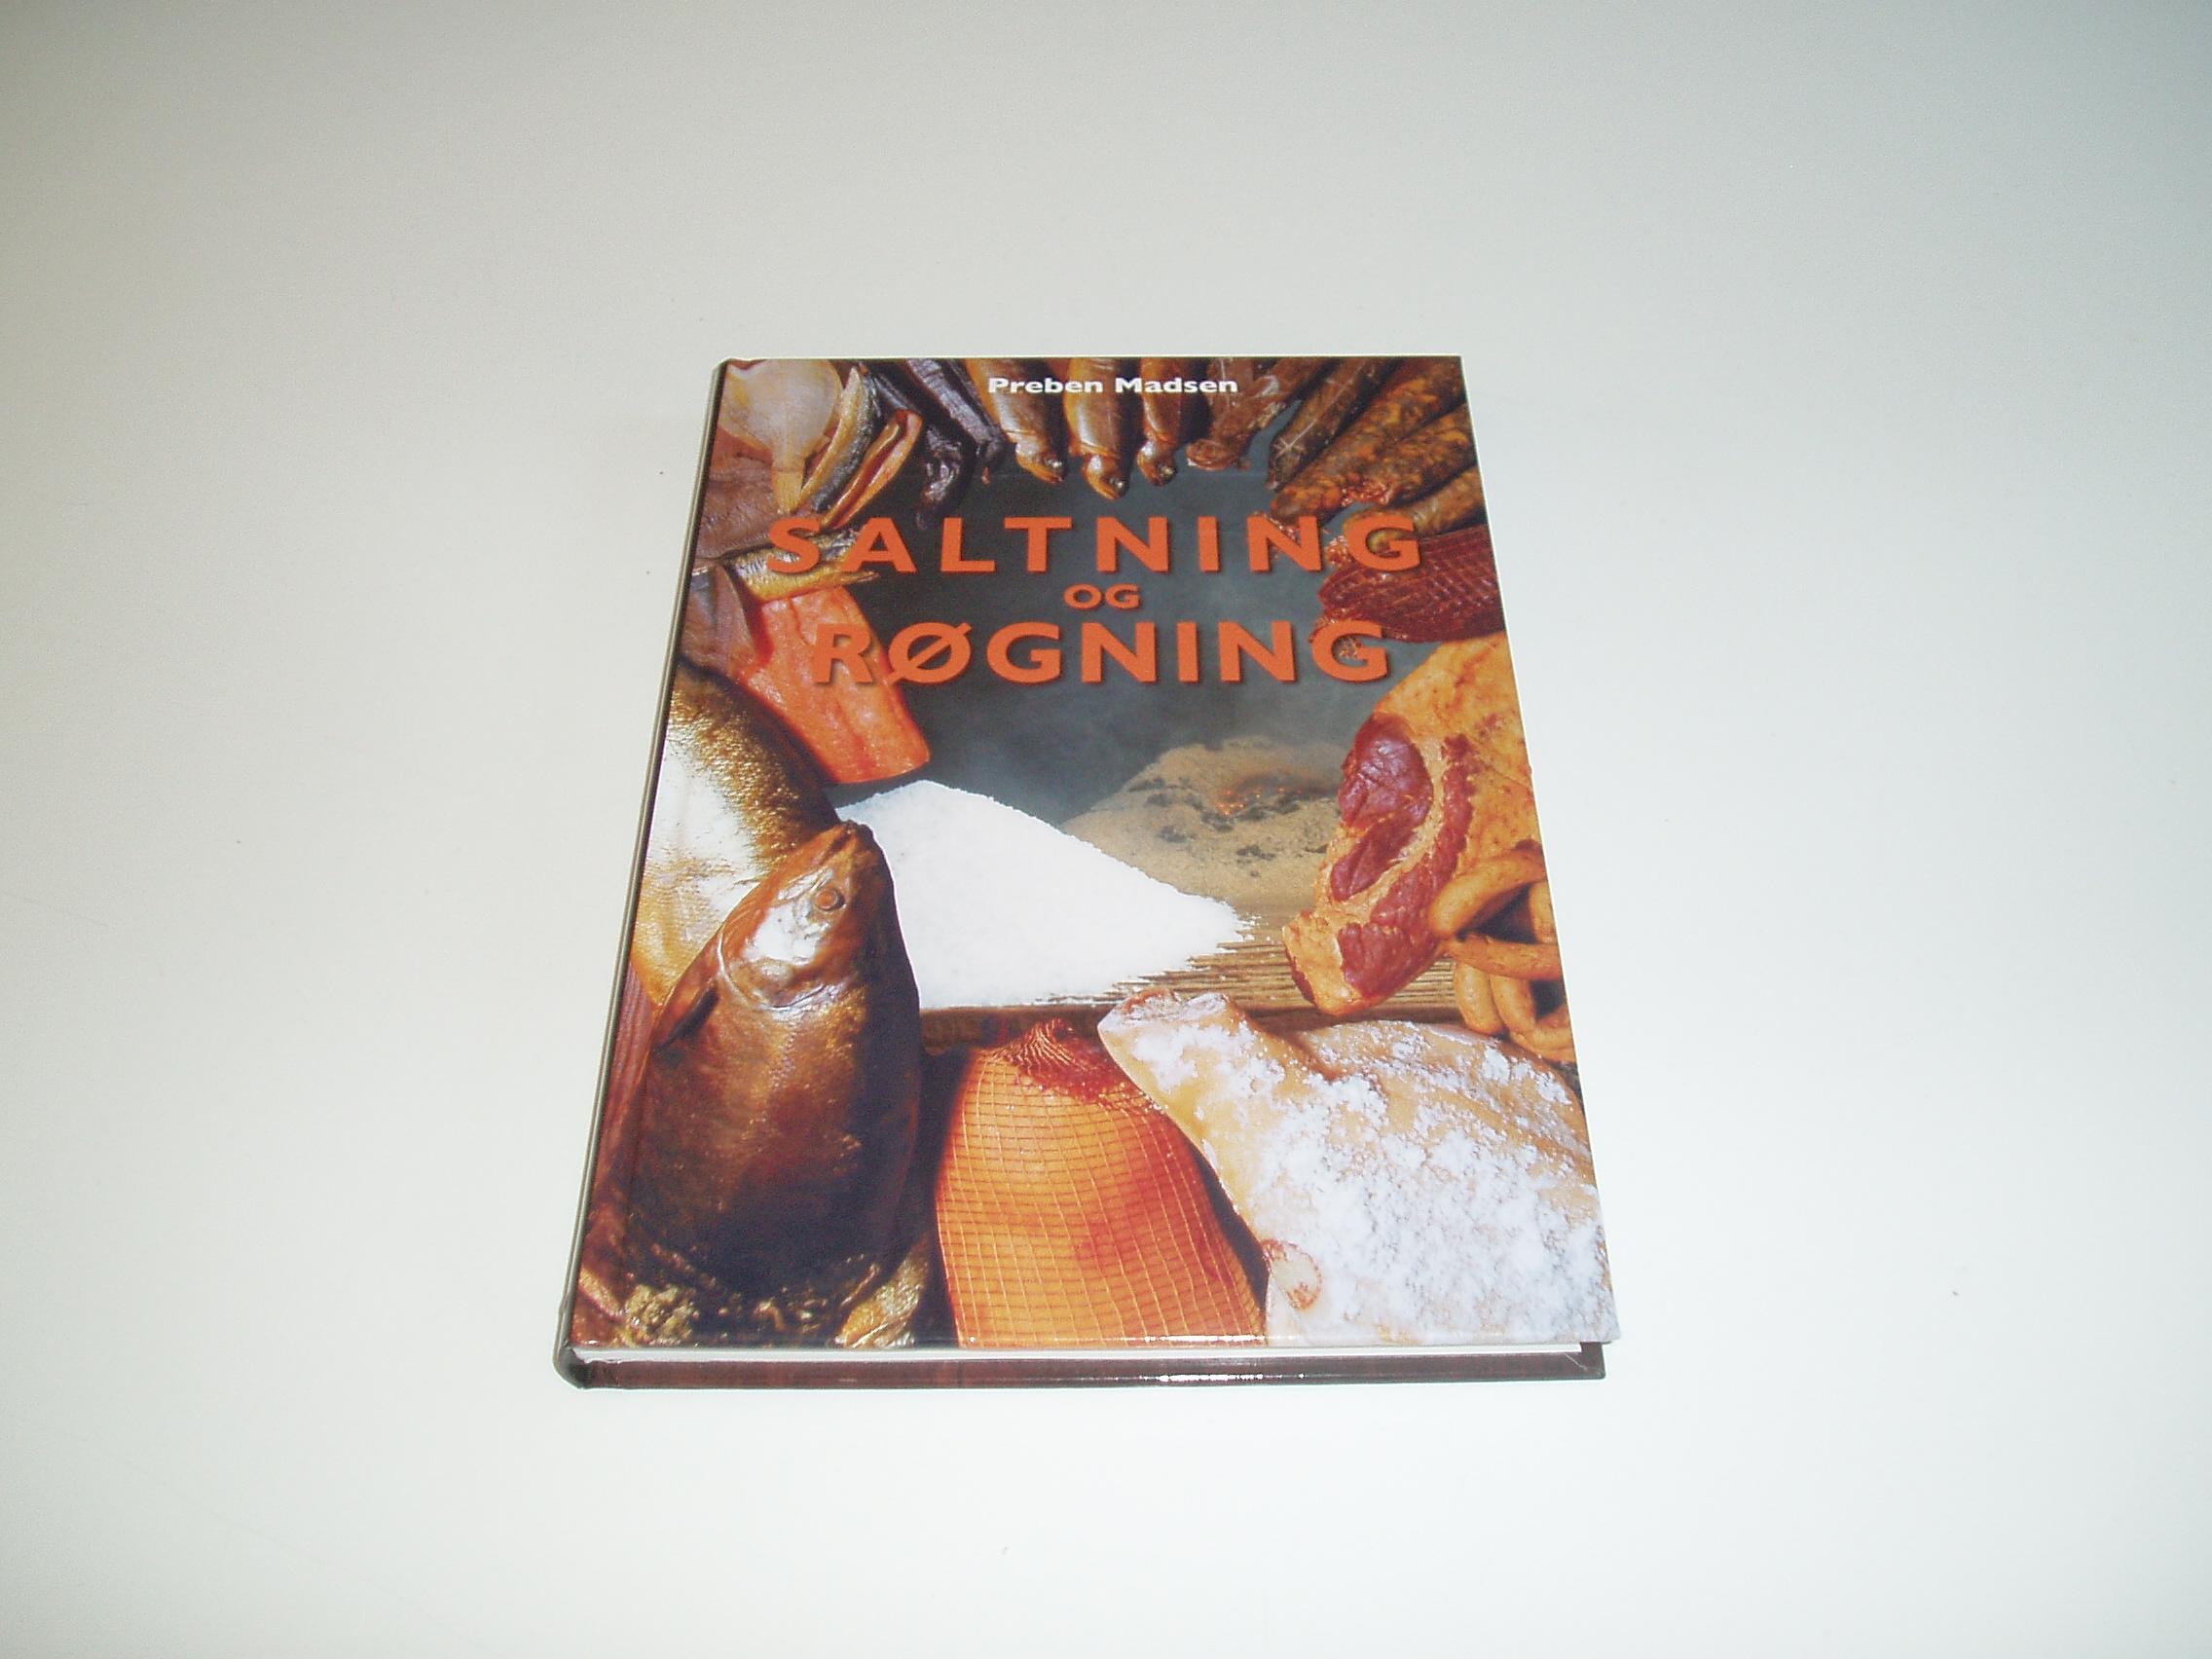 Saltning og røgning. 1. udg., 7. oplag